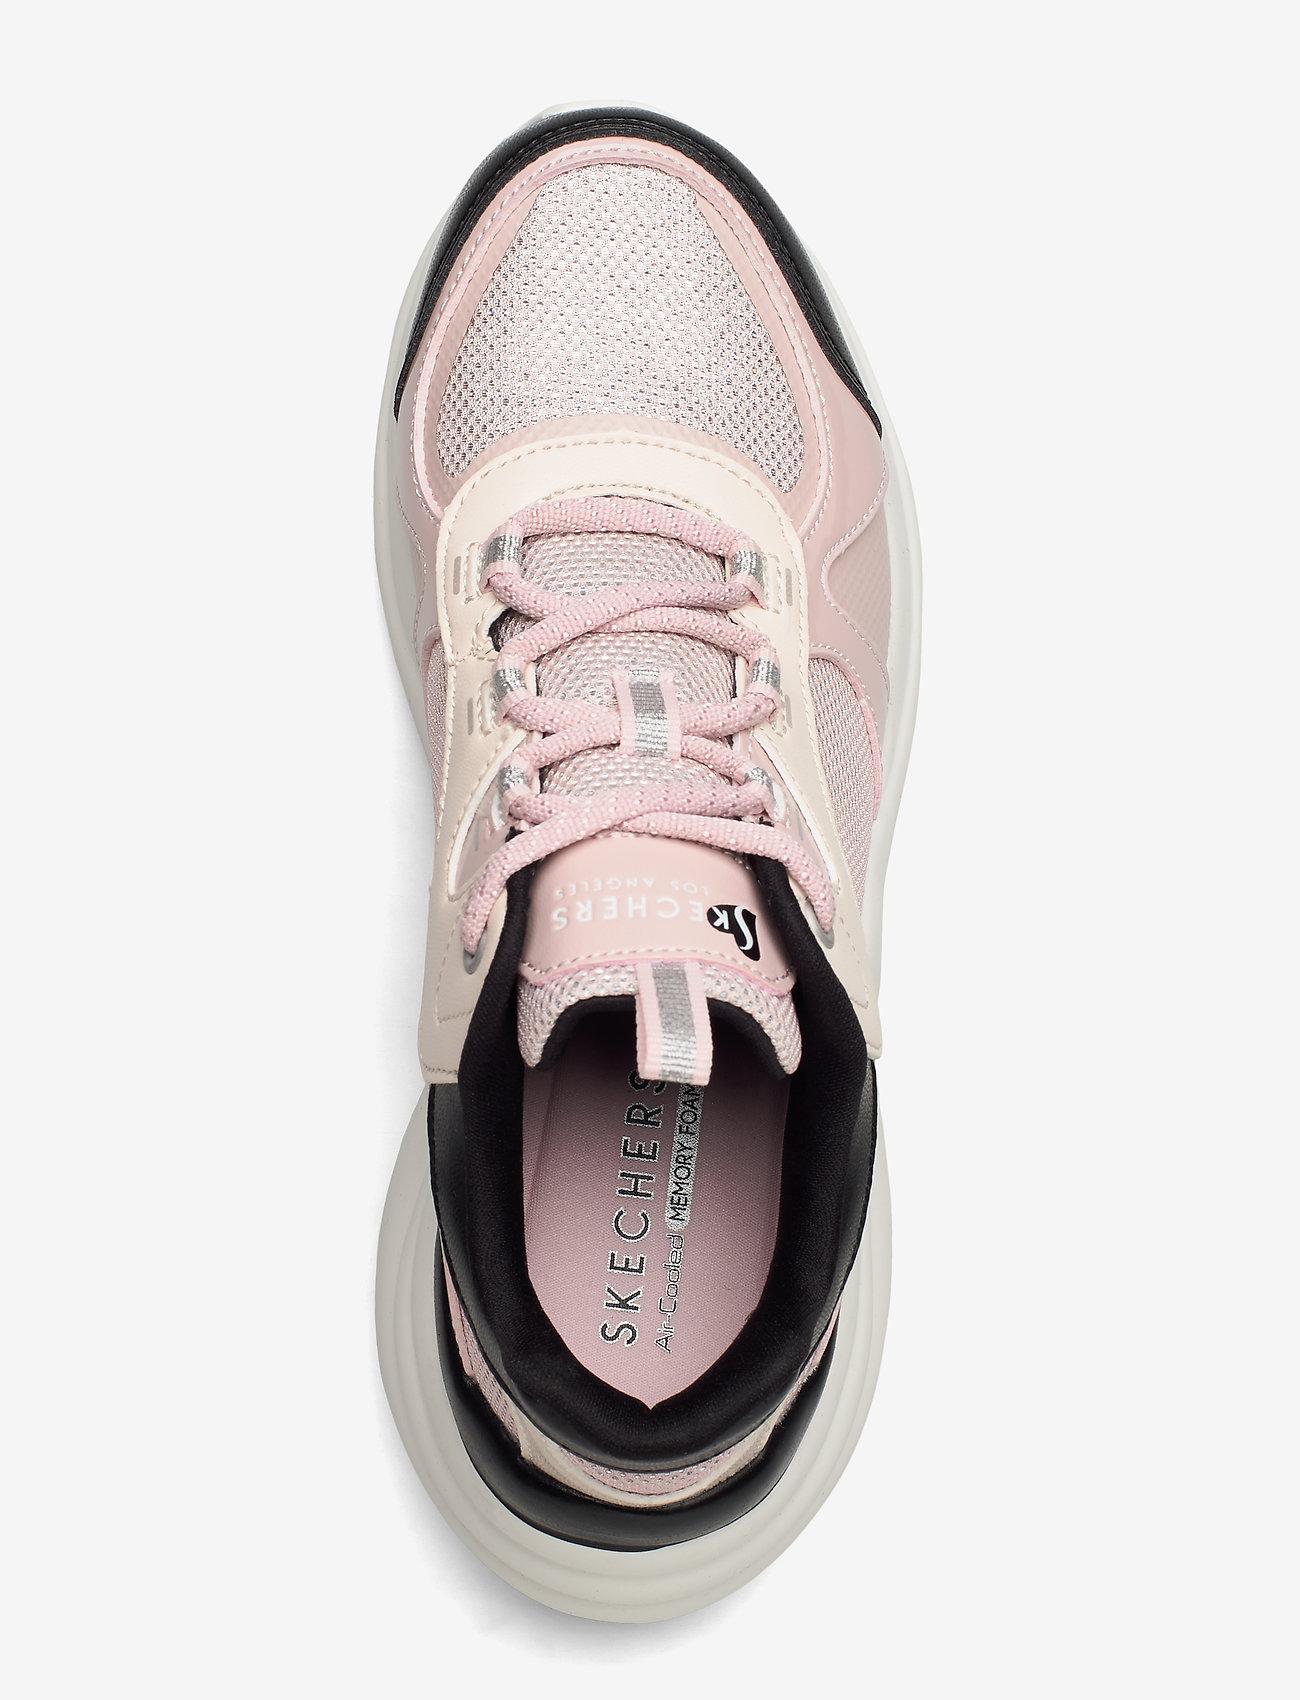 Womens Solei St. - Groovilicious (Pkbk Pink Black) - Skechers